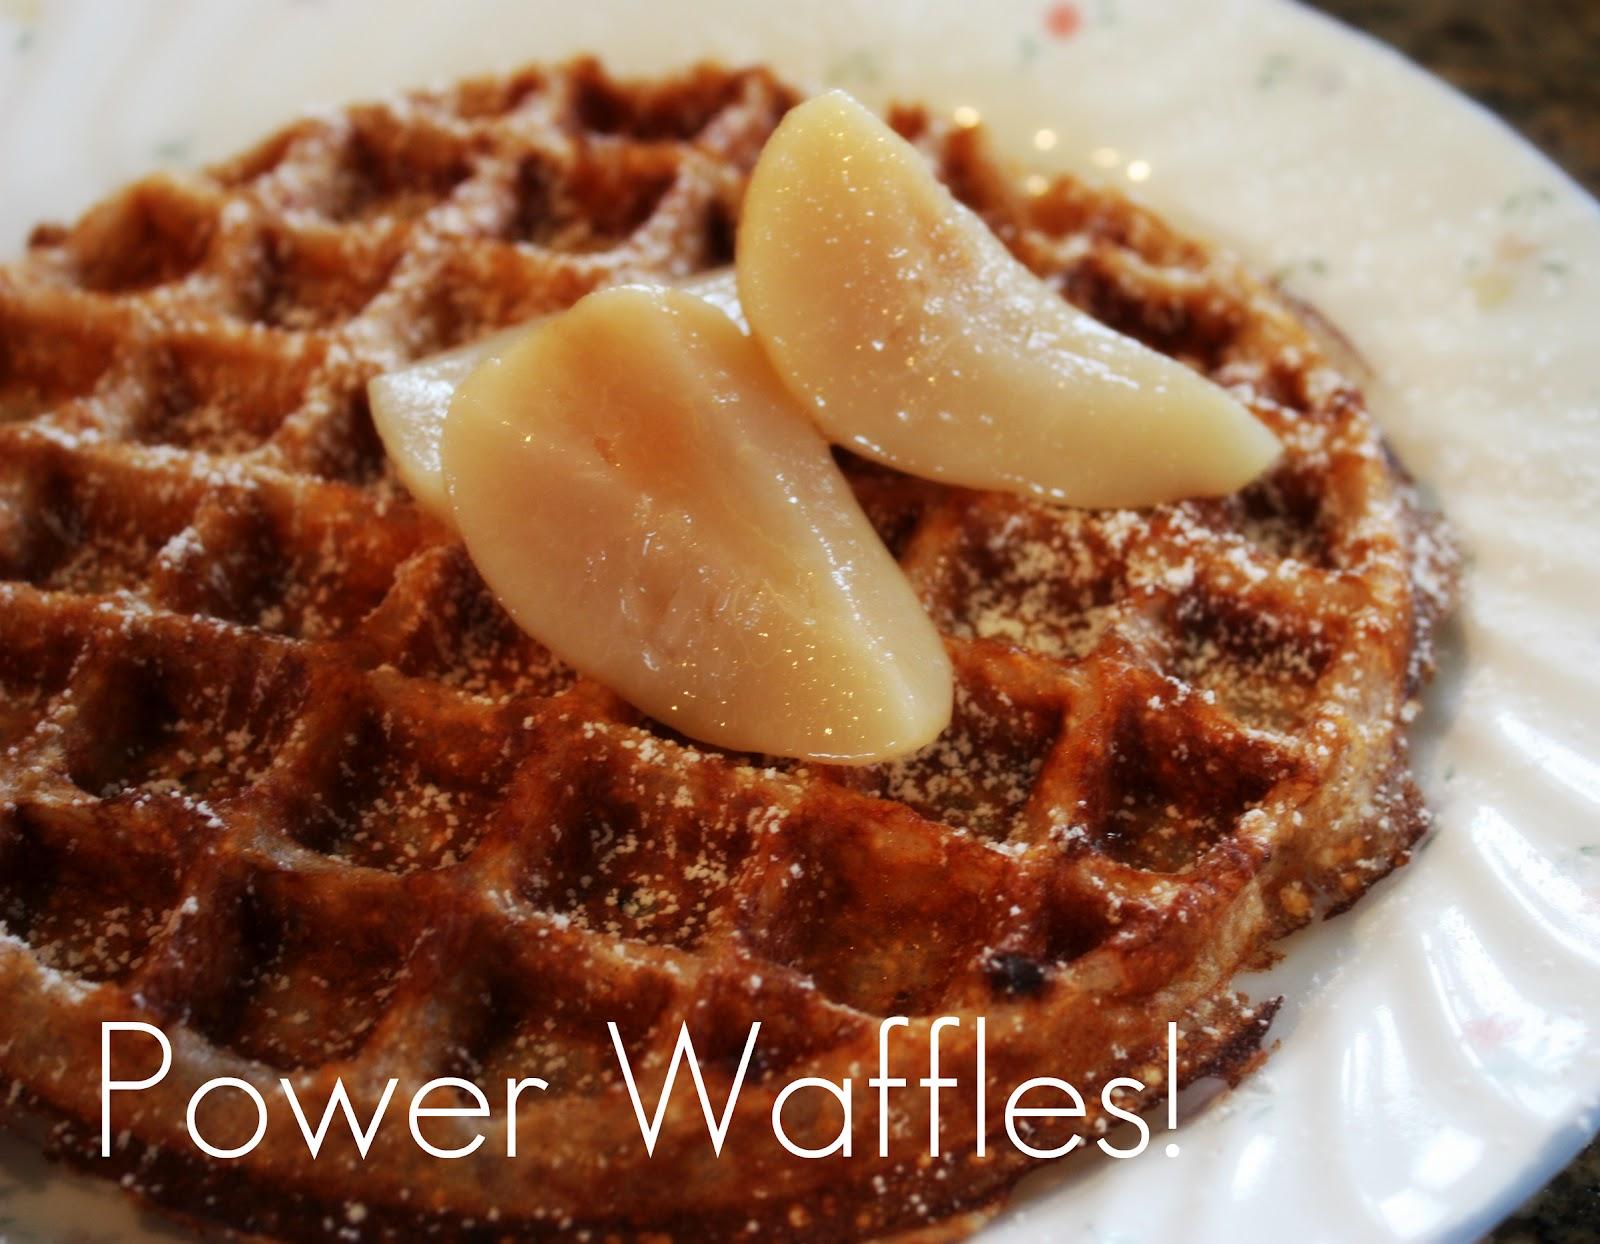 Clawson Live: Power Waffles